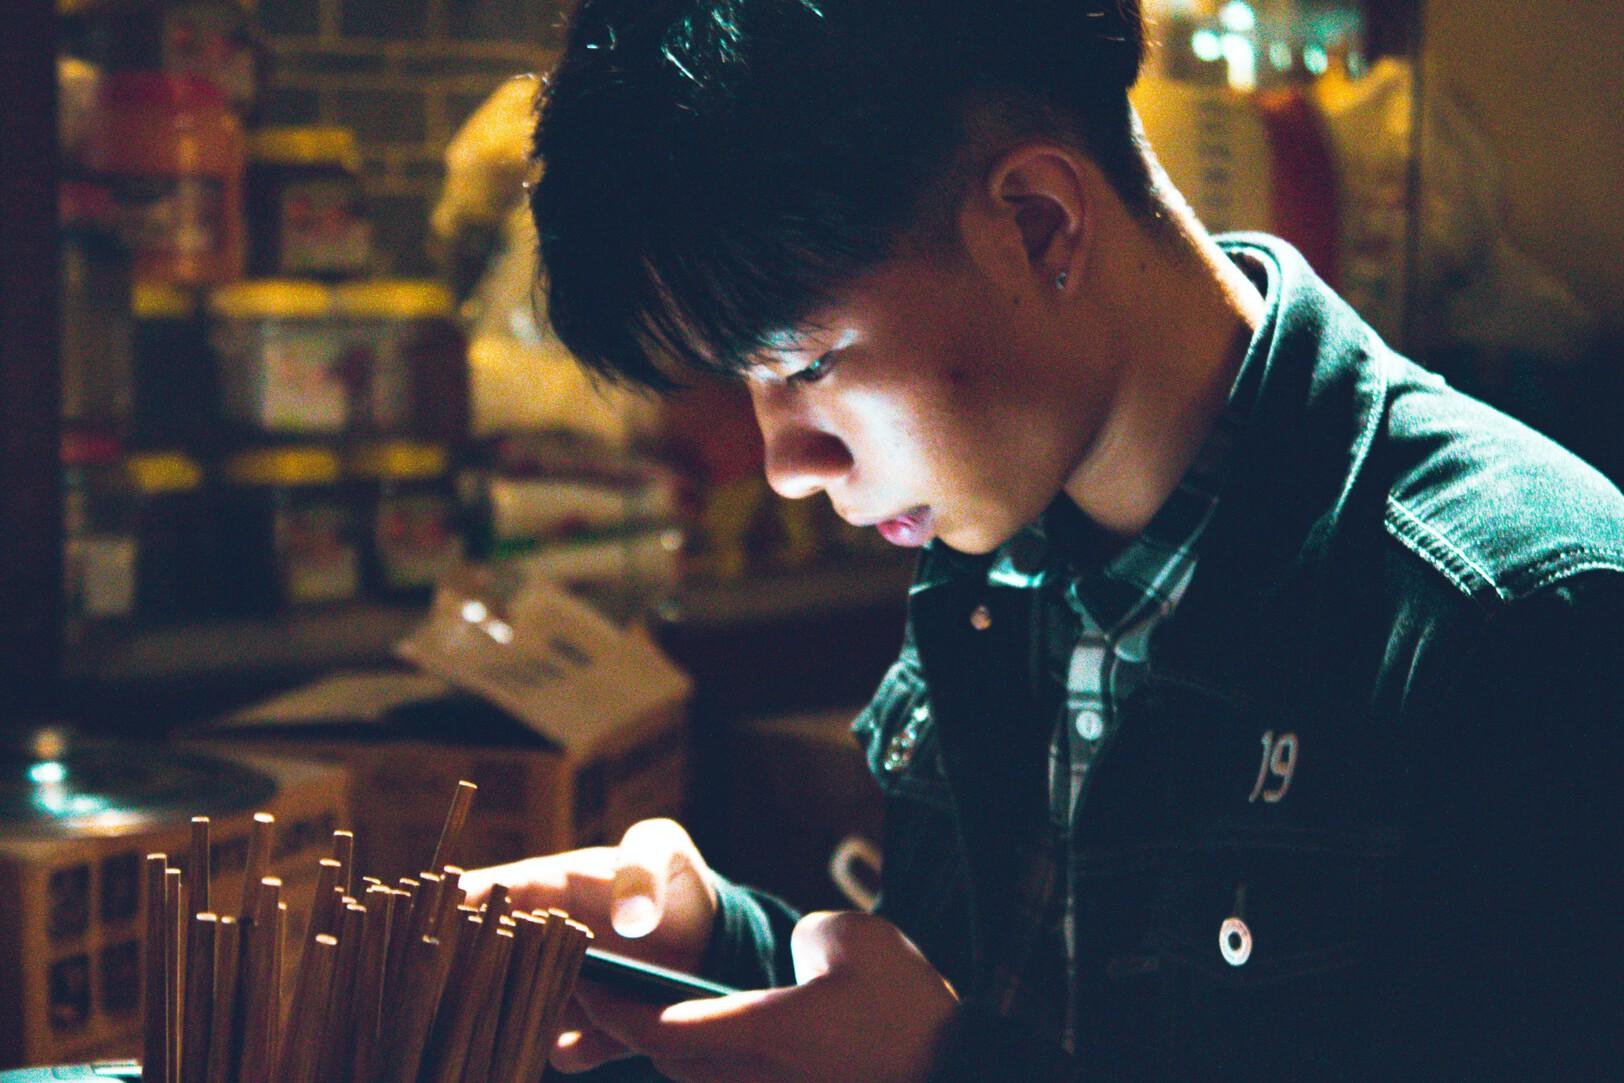 Comment les enfants chinois défient les systèmes anti-addiction pour jouer à des jeux vidéo